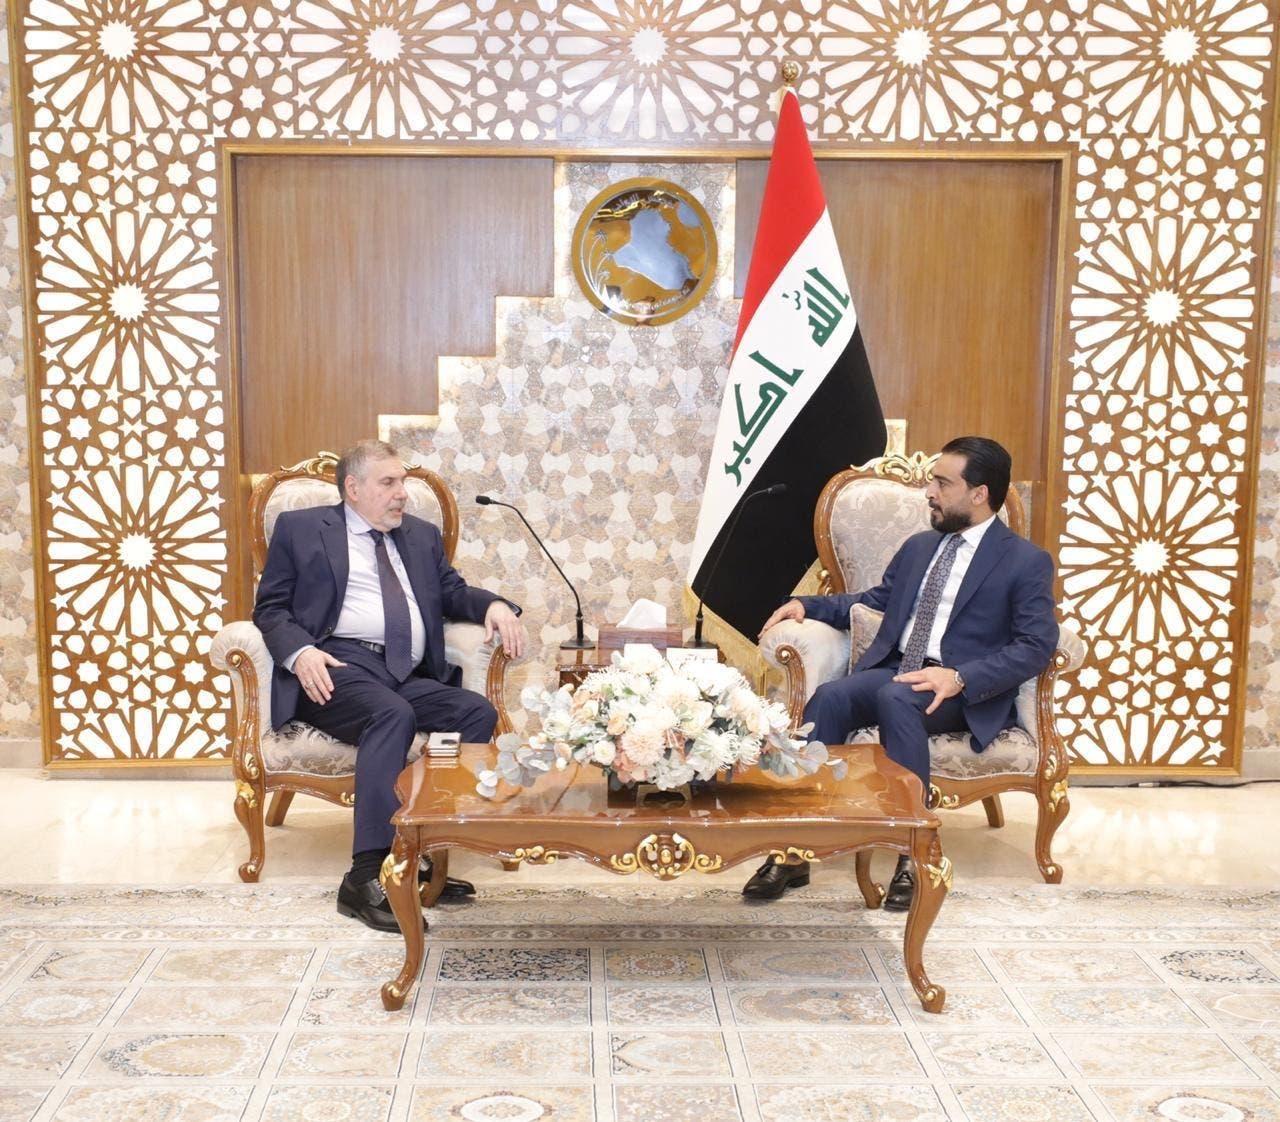 رئيس مجلس النواب محمد الحلبوسي يستقبل رئيس مجلس الوزراء المكلف محمد توفيق علاوي